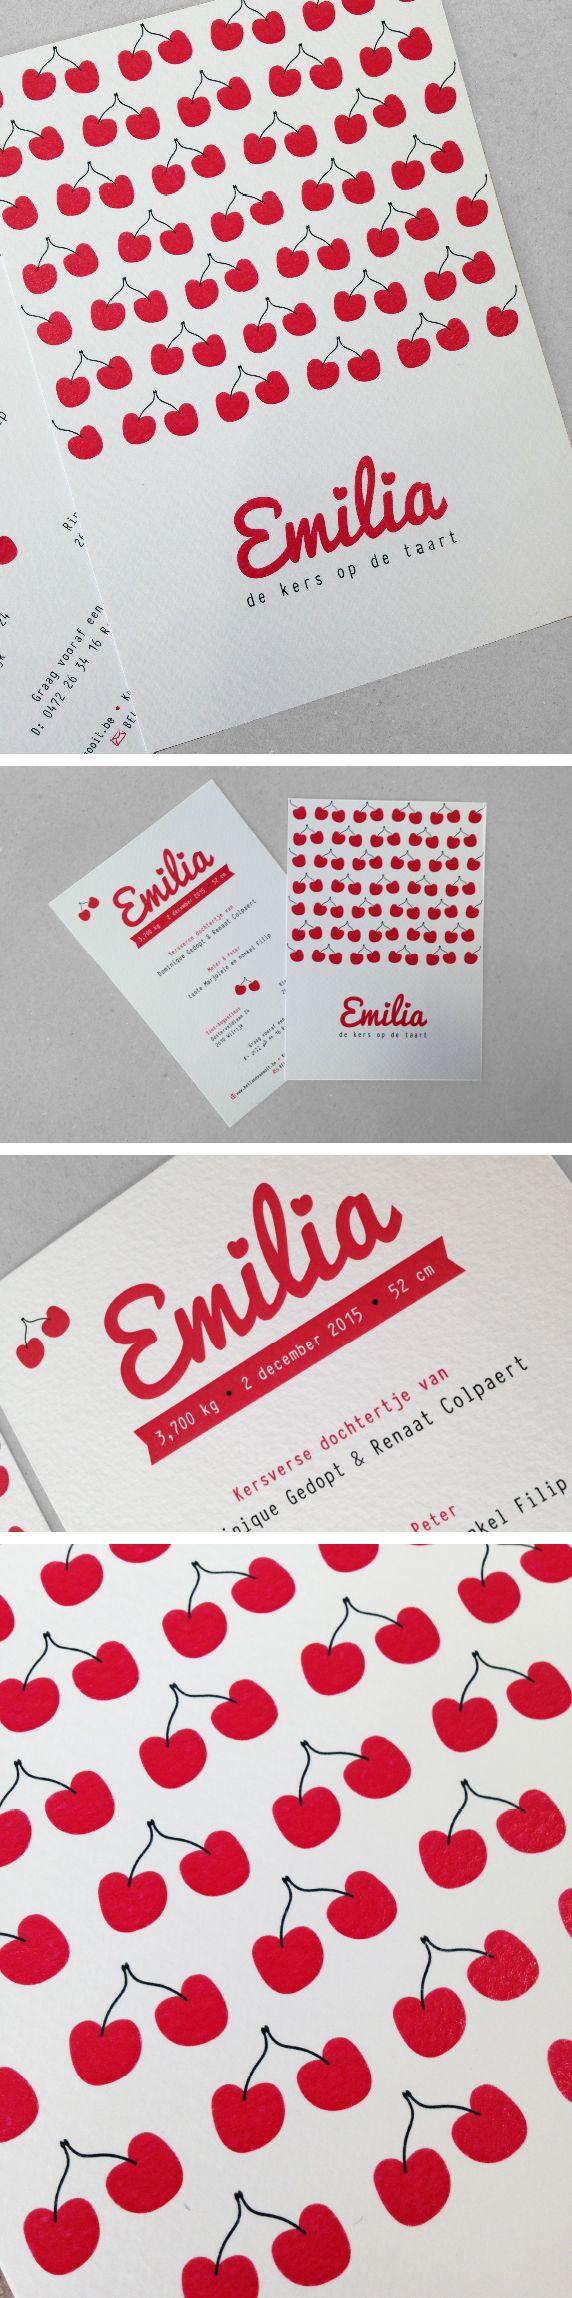 Geboortekaartje Emilia, de kers op de taart, kers, cherry, rood